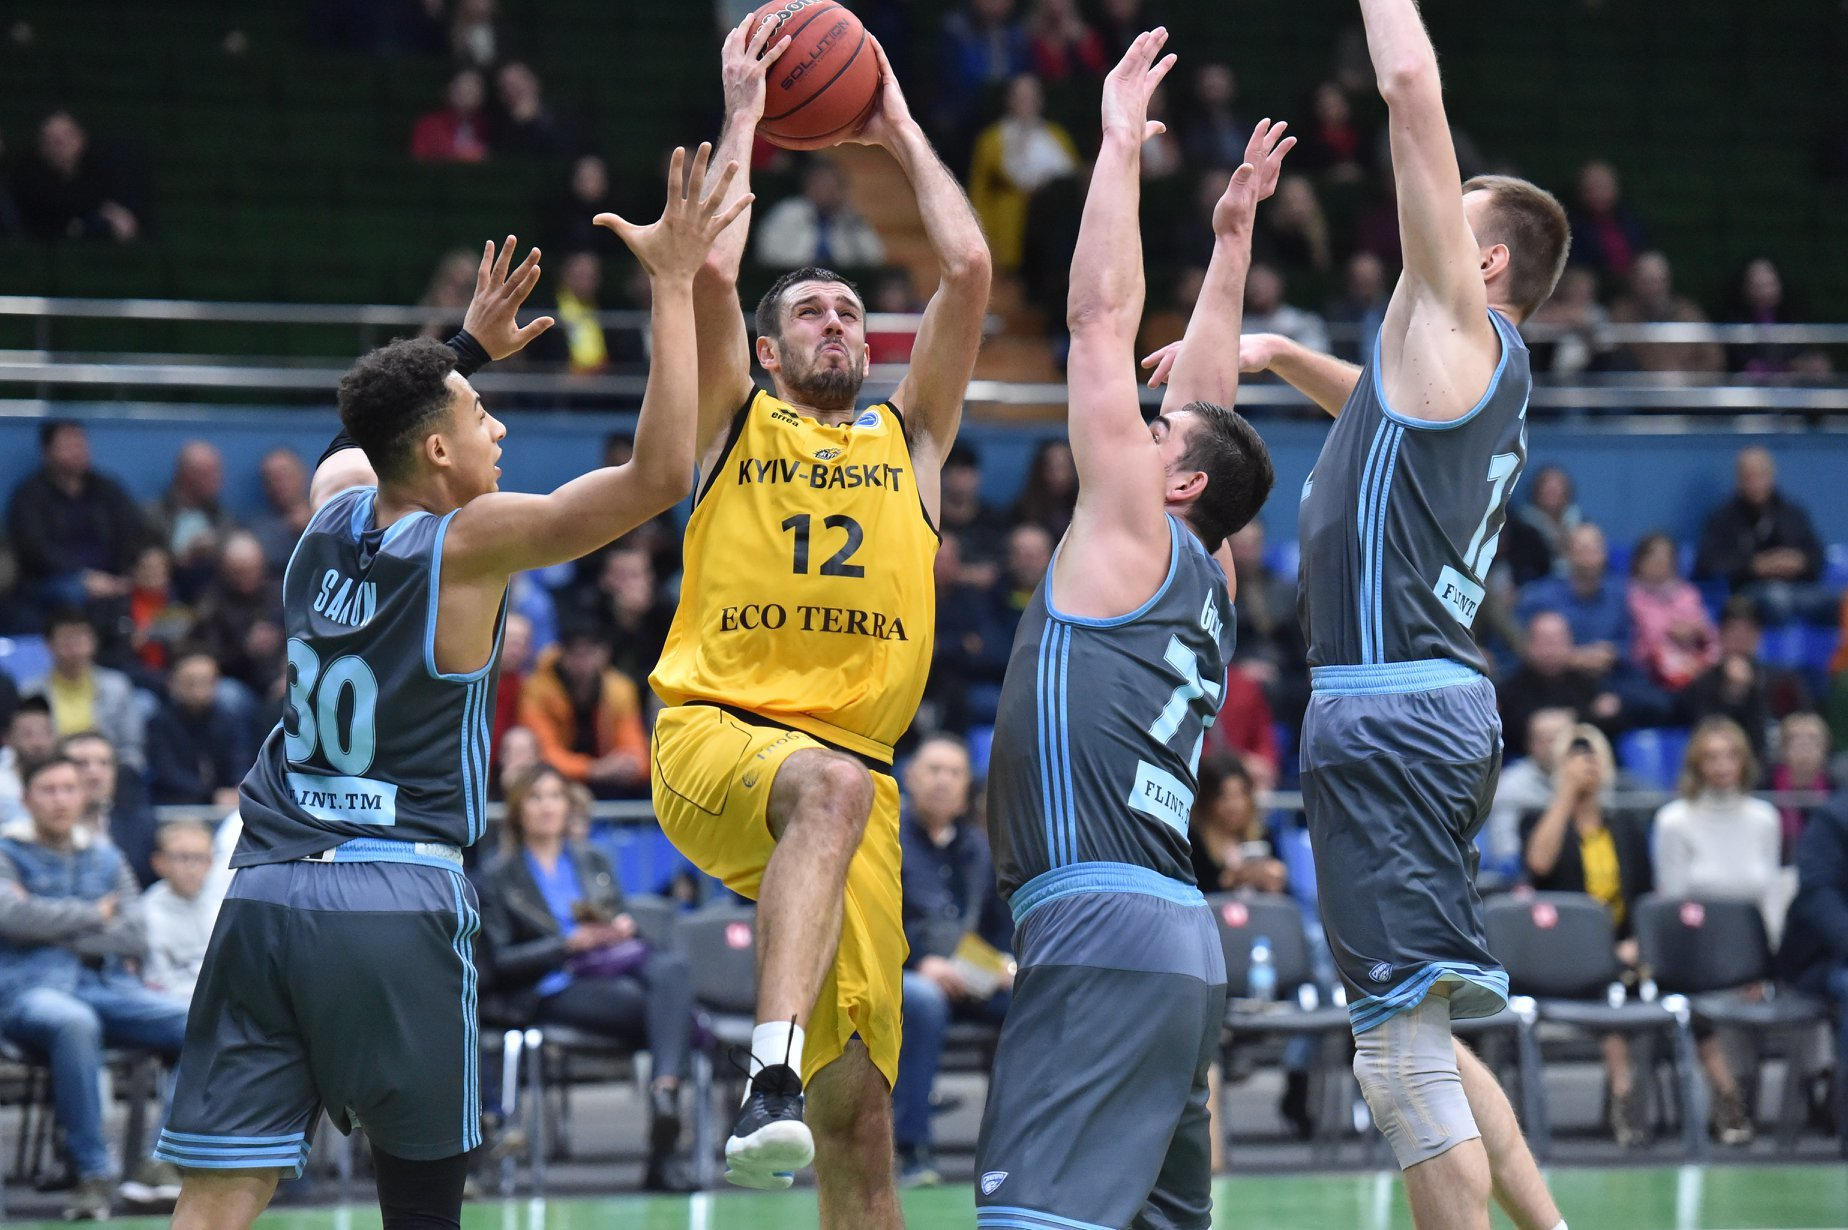 Дніпро та Київ-Баскет знову зіграють на євроарені: анонс матчу Кубка Європи FIBA